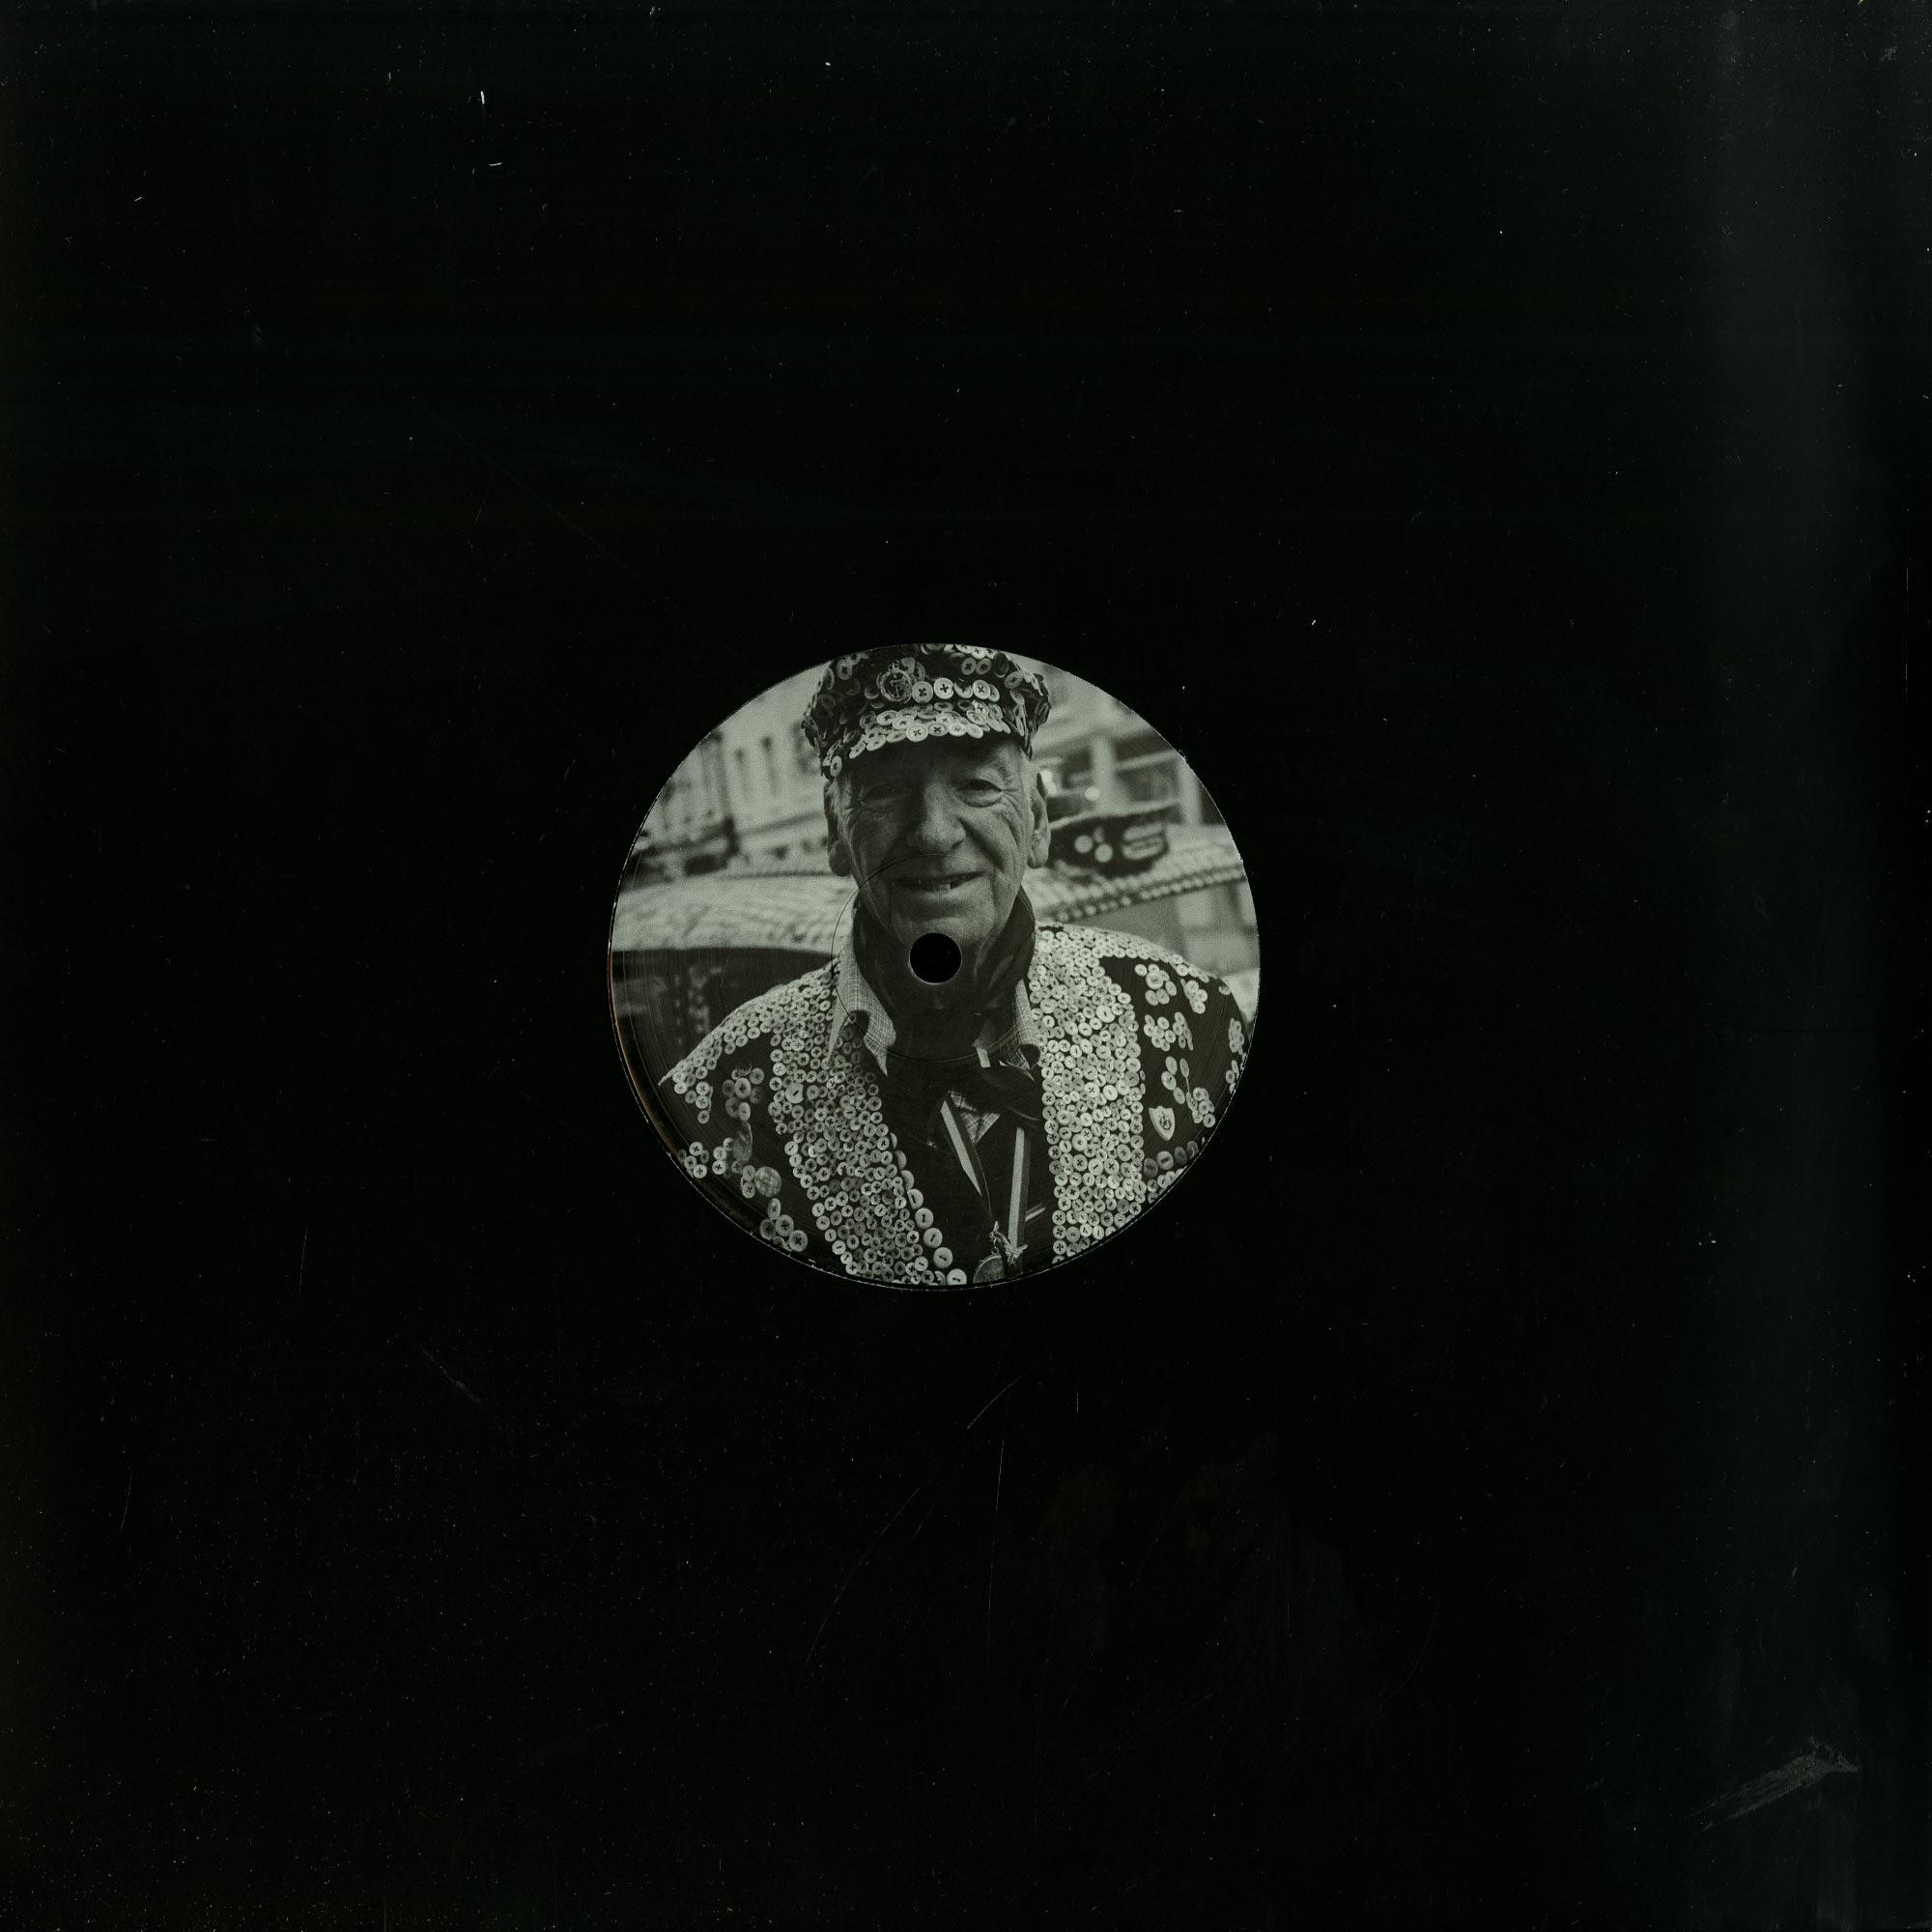 Anestie Gomez - THE NOBLE BEAST EP